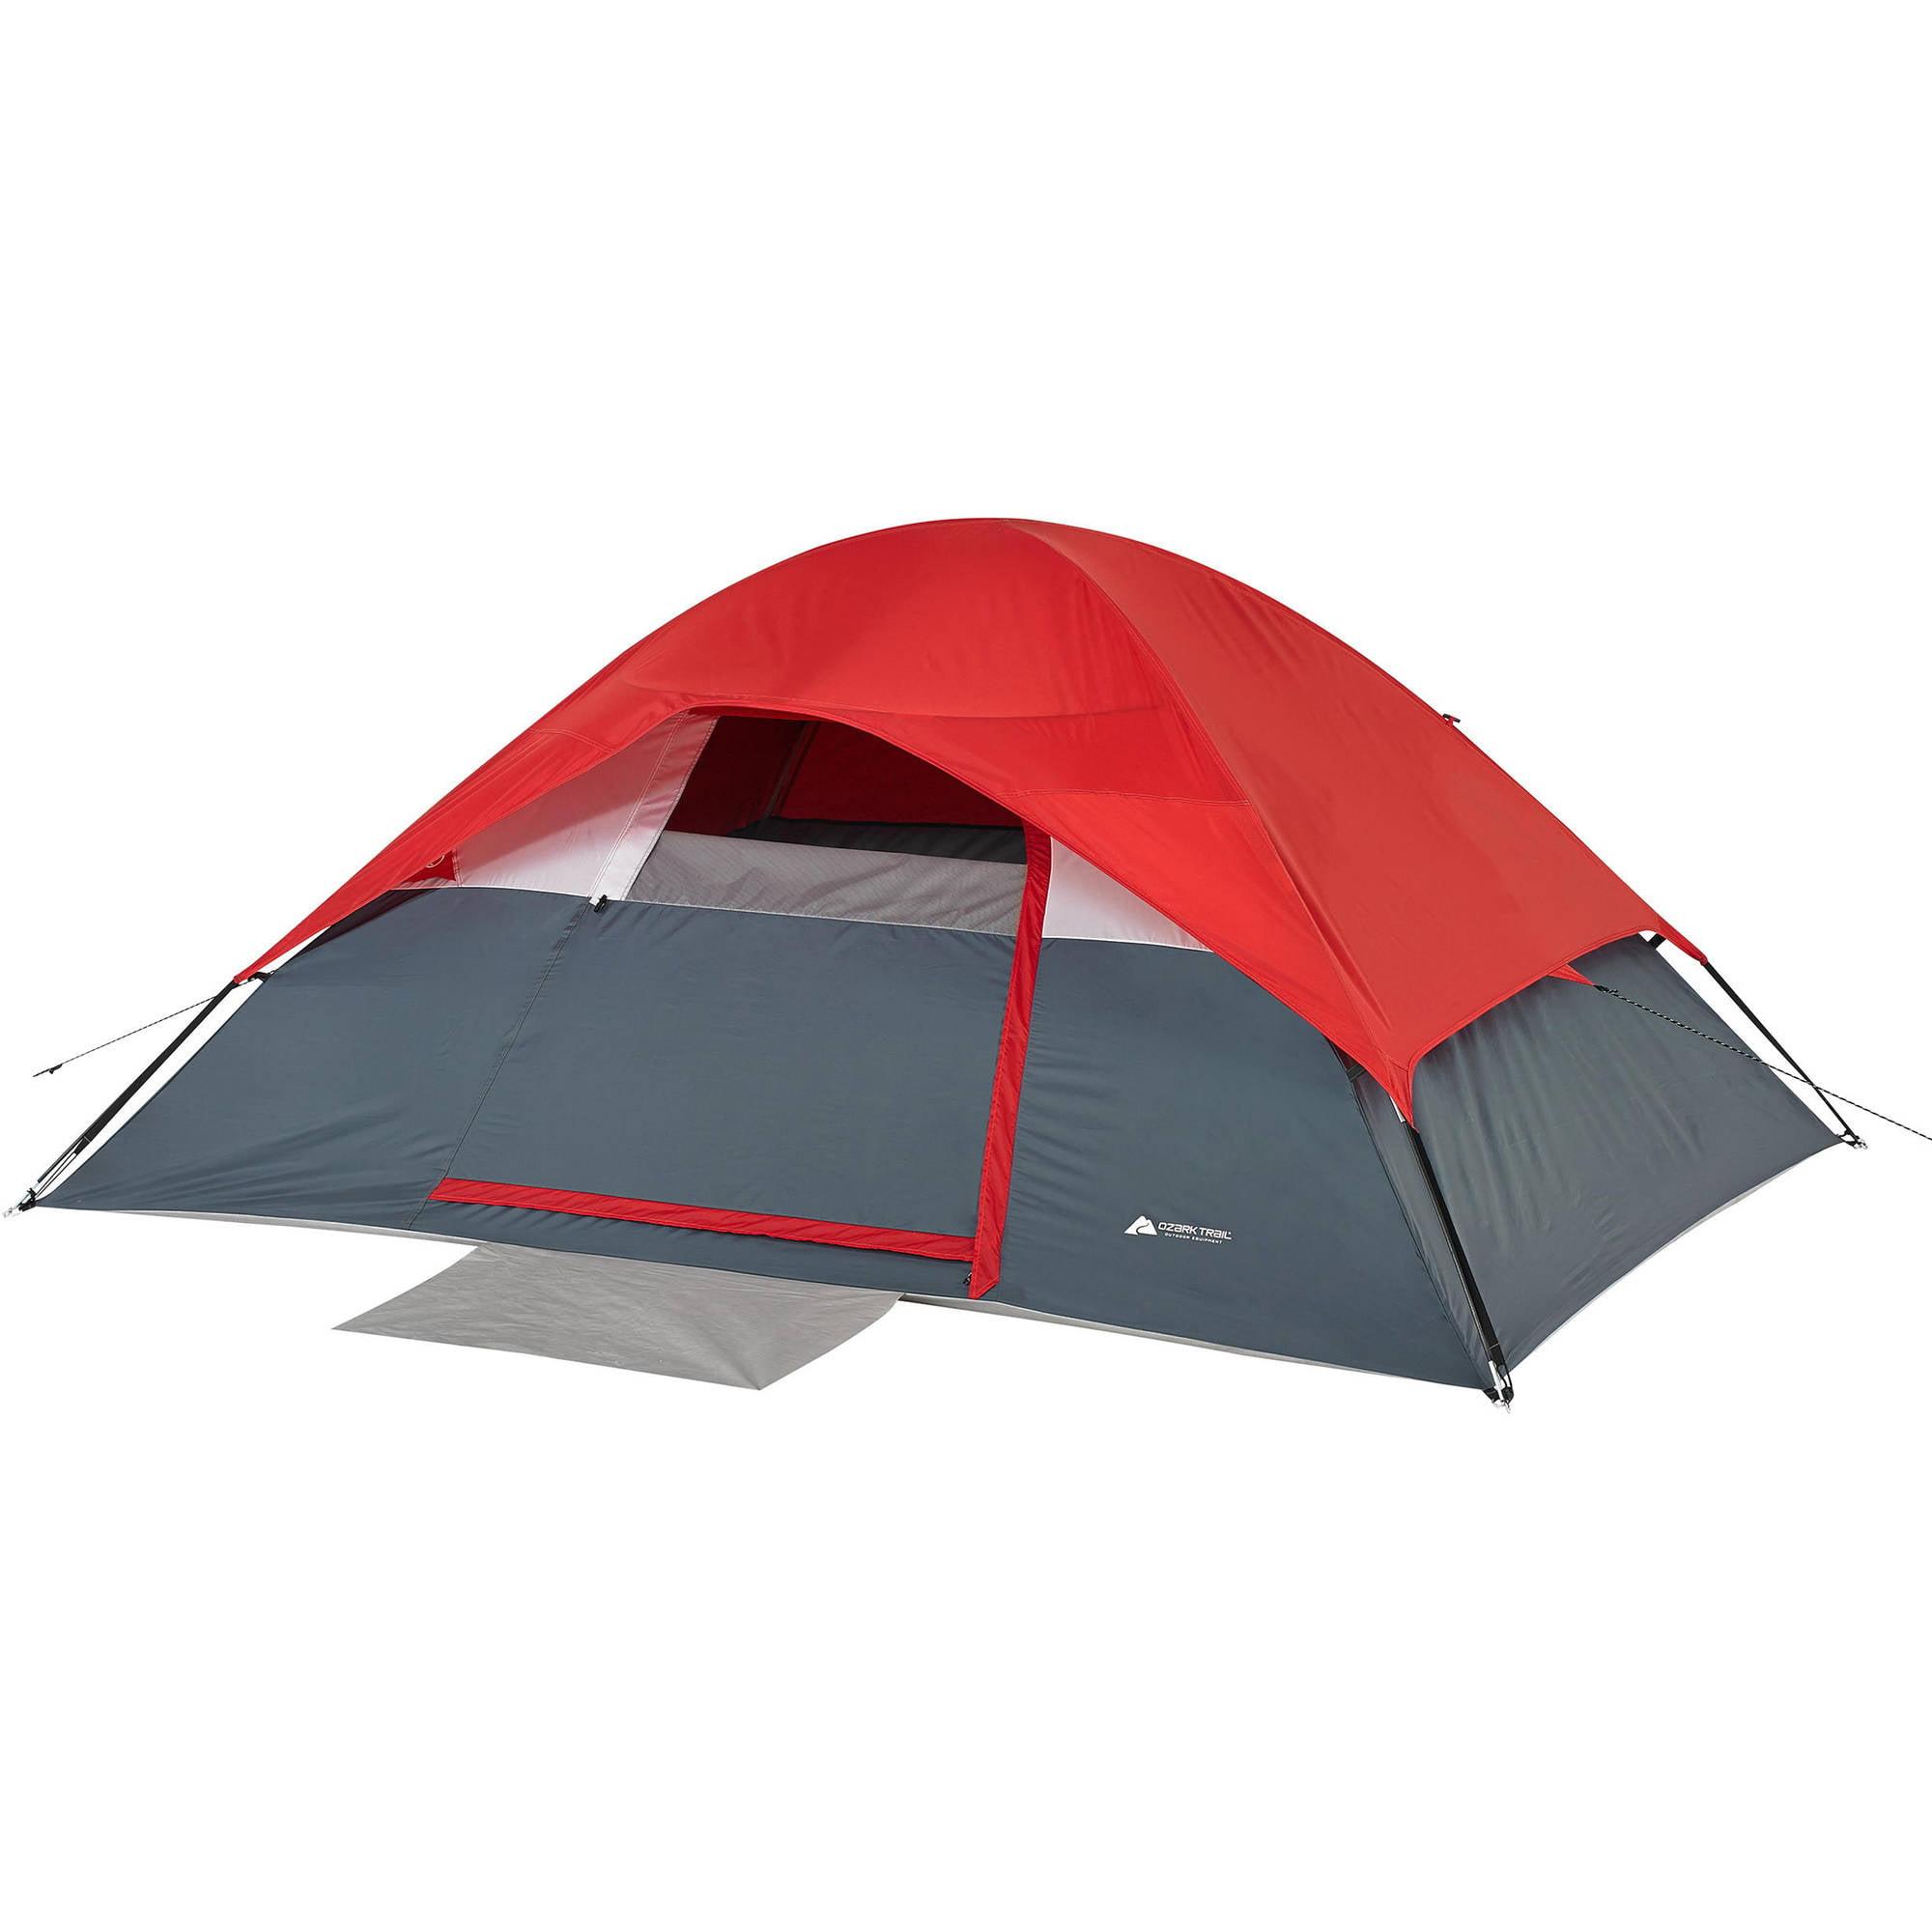 Ozark Trail 4-Person Dome Tent - Walmart com